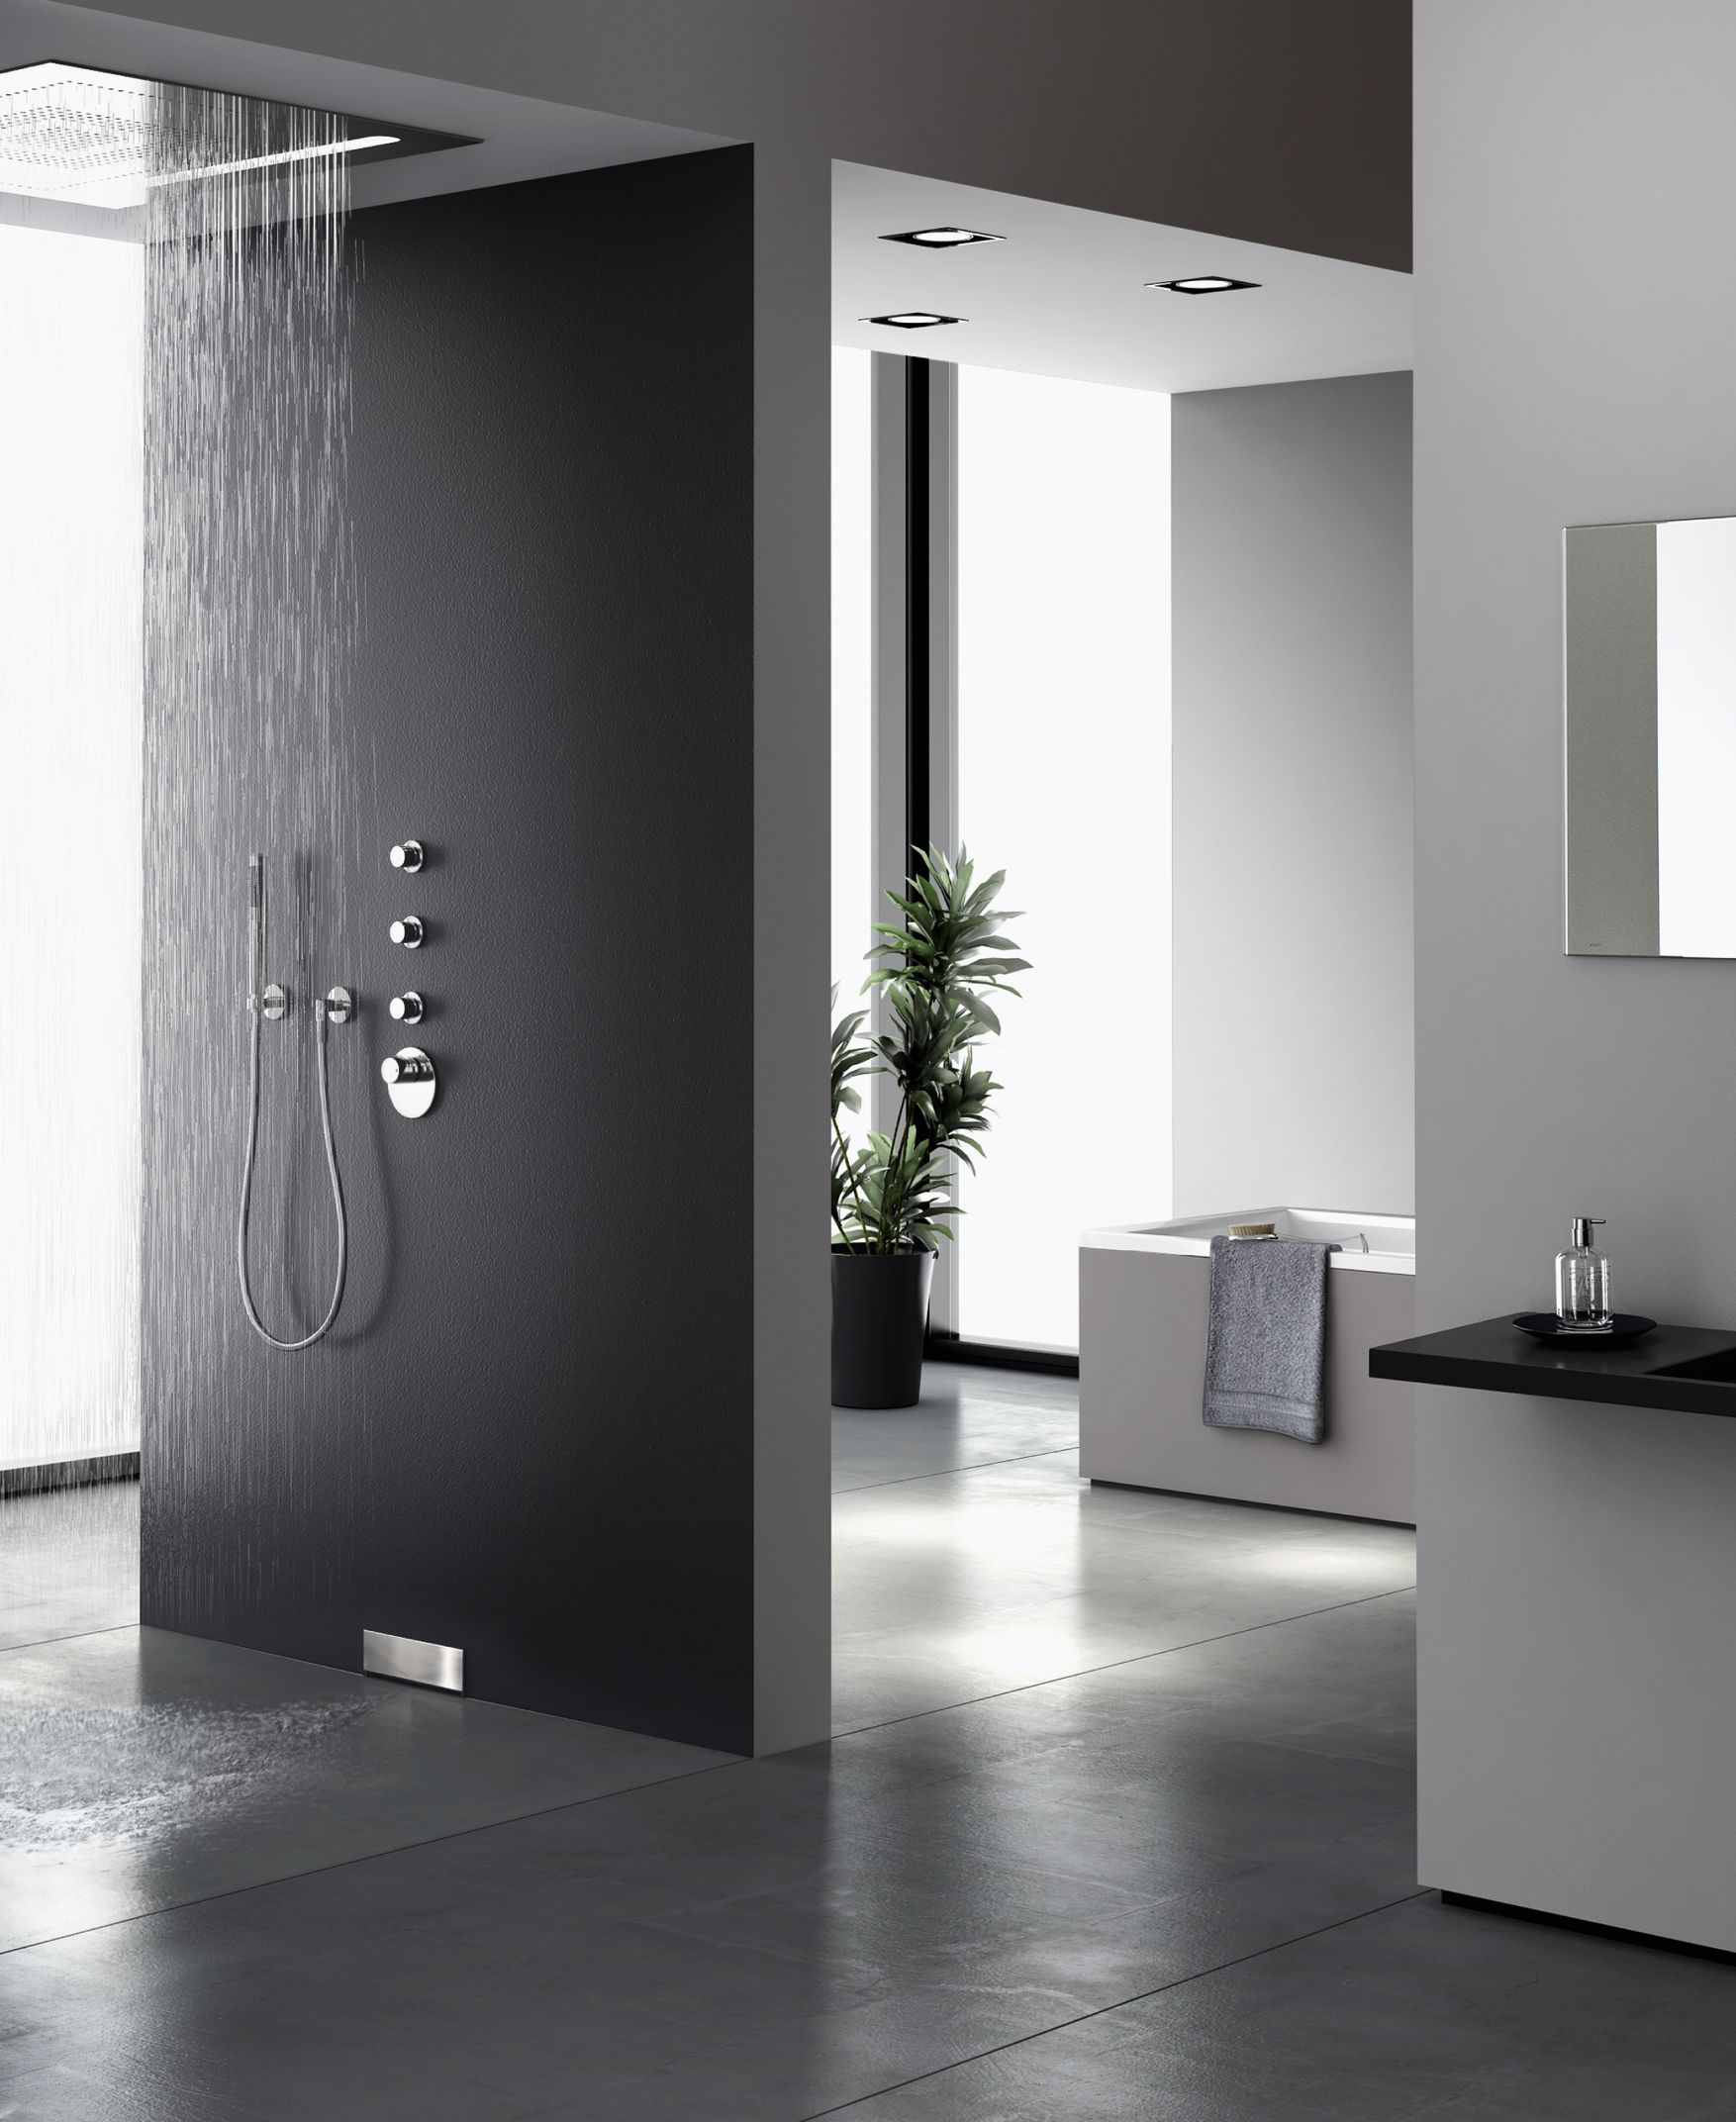 Hightech Im Badezimmer Mit Geberit Wandablauf Fur Duschen Badezimmer Kleines Haus Innenraume Modernes Badezimmer